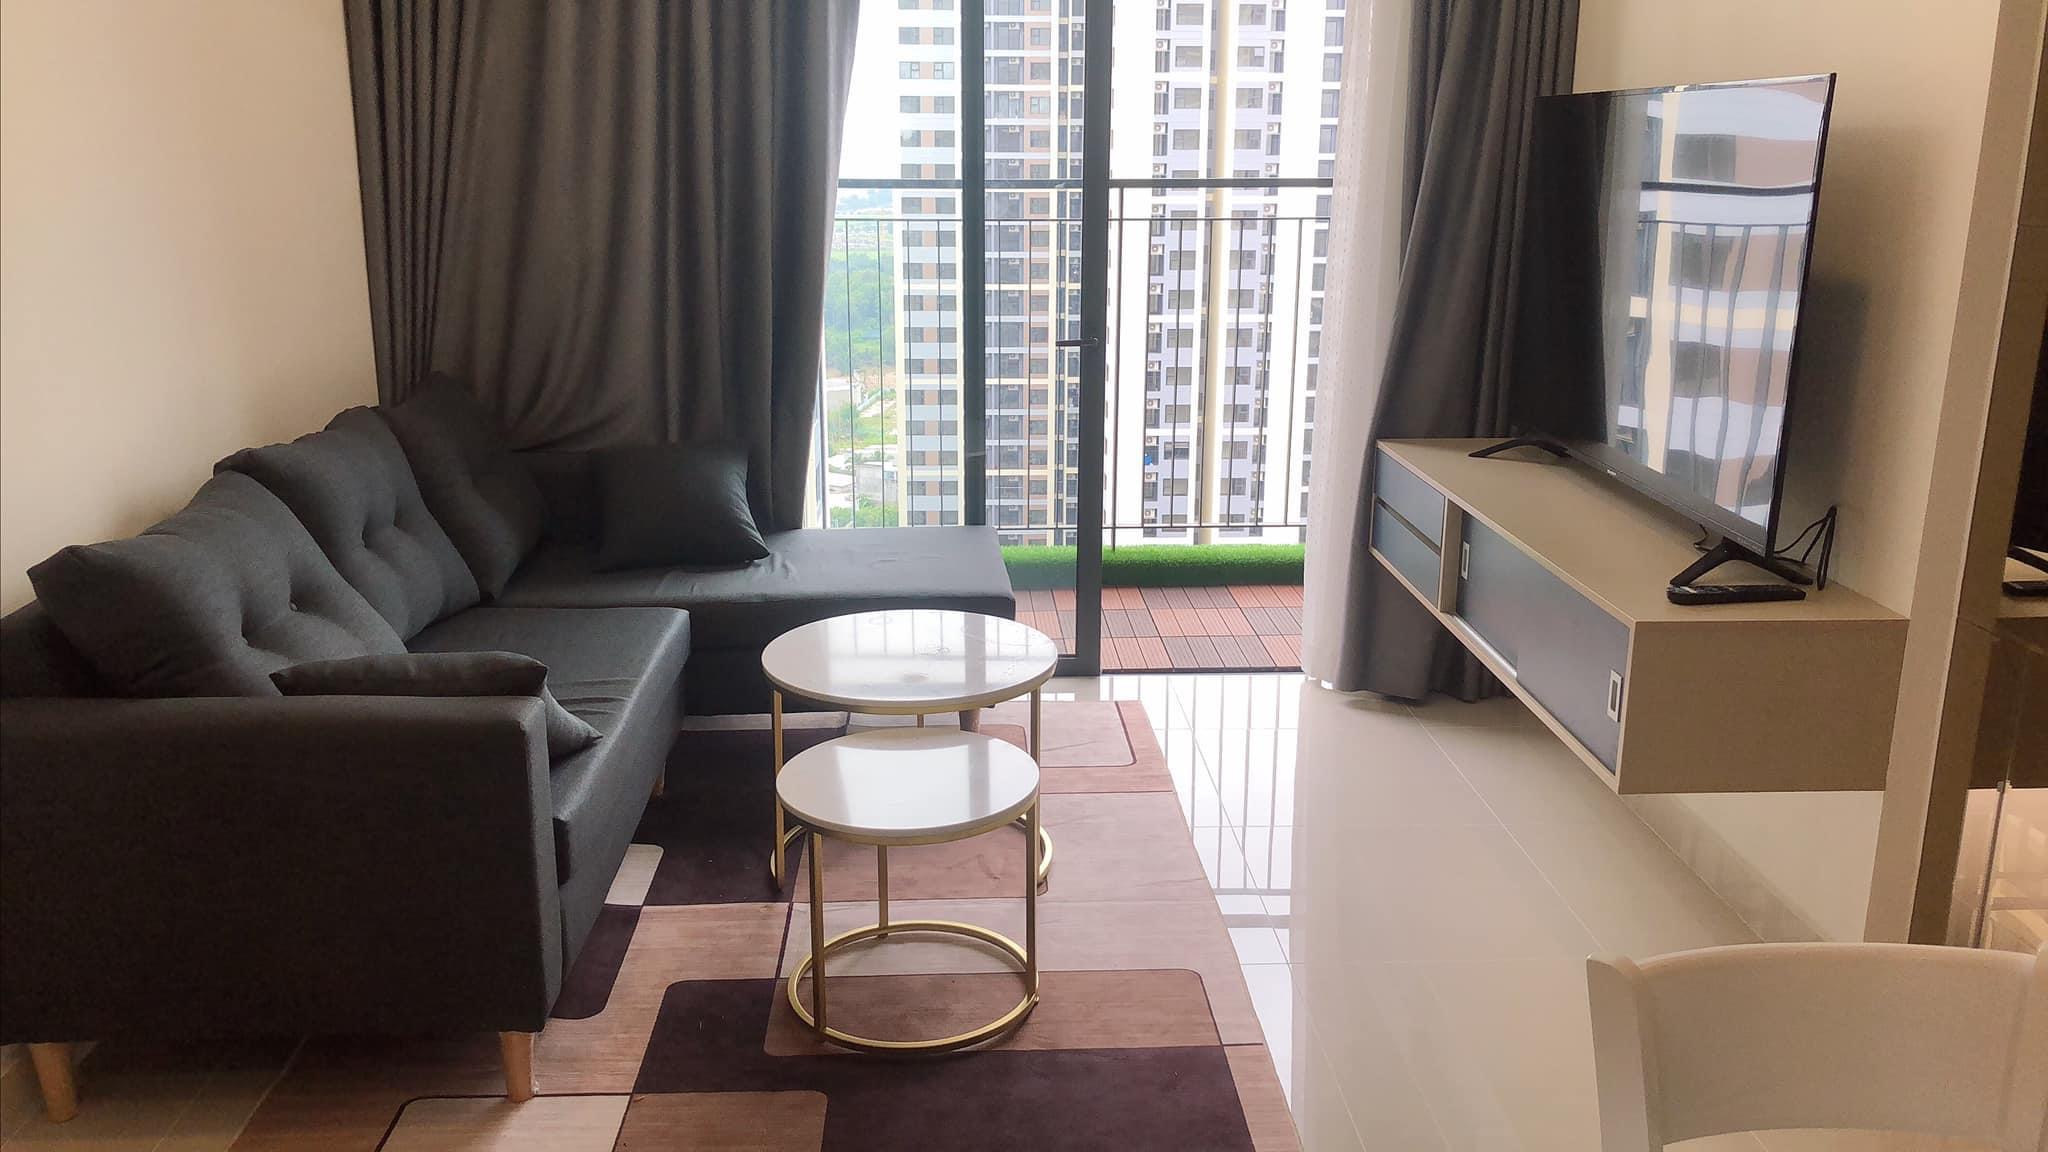 Căn hộ 2 phòng ngủ nội thất mới tầng 7 toà S1.06 giá 7,5tr/tháng 2